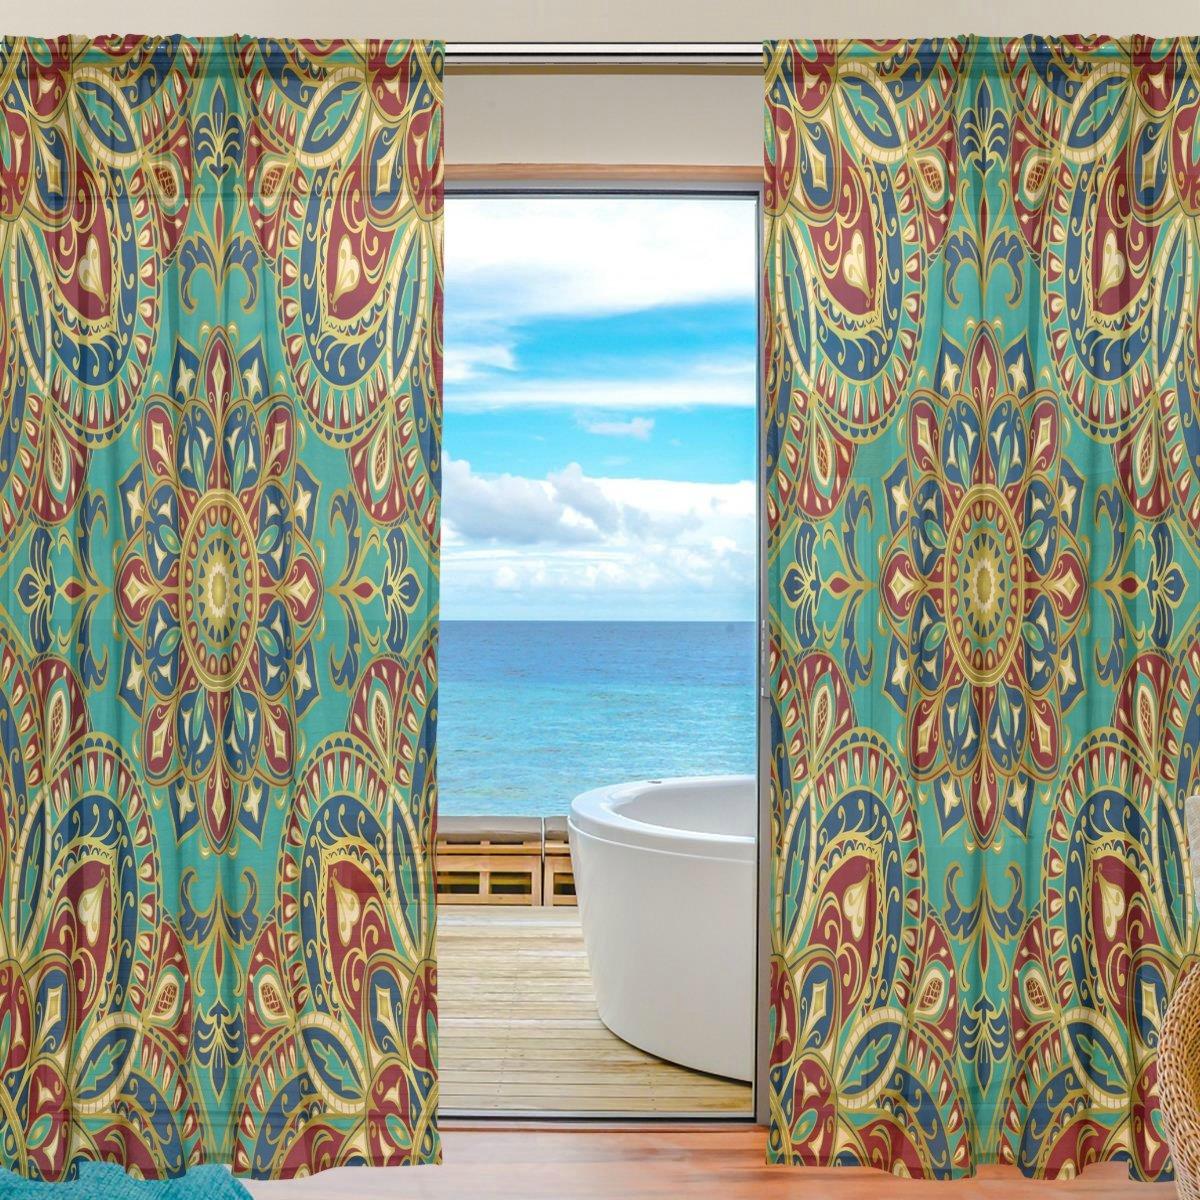 DOSHINE Vorhang, indisches Tribal, Blumen-Mandala-Vorhang, Fenstervorhang für Jungen Mädchen, Wohnzimmer, Badezimmer, Schlafzimmer, 139,7 x 198 cm, 2 Paneele, Polyester, Multi, 55